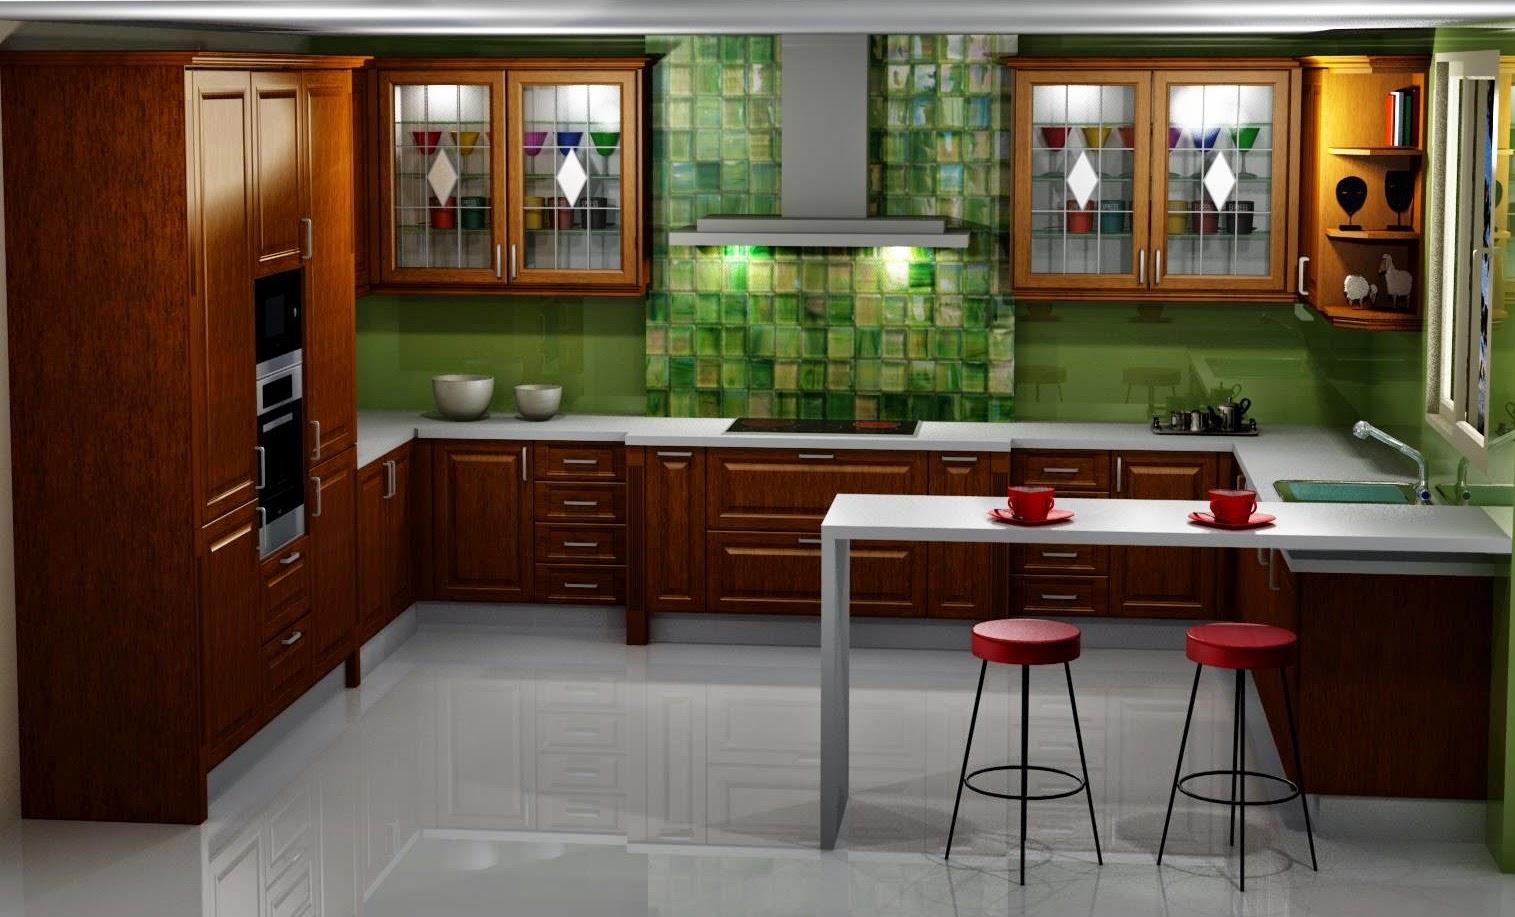 Dise o muebles de cocina dise o de cocina comedor en madera for Diseno de cocina